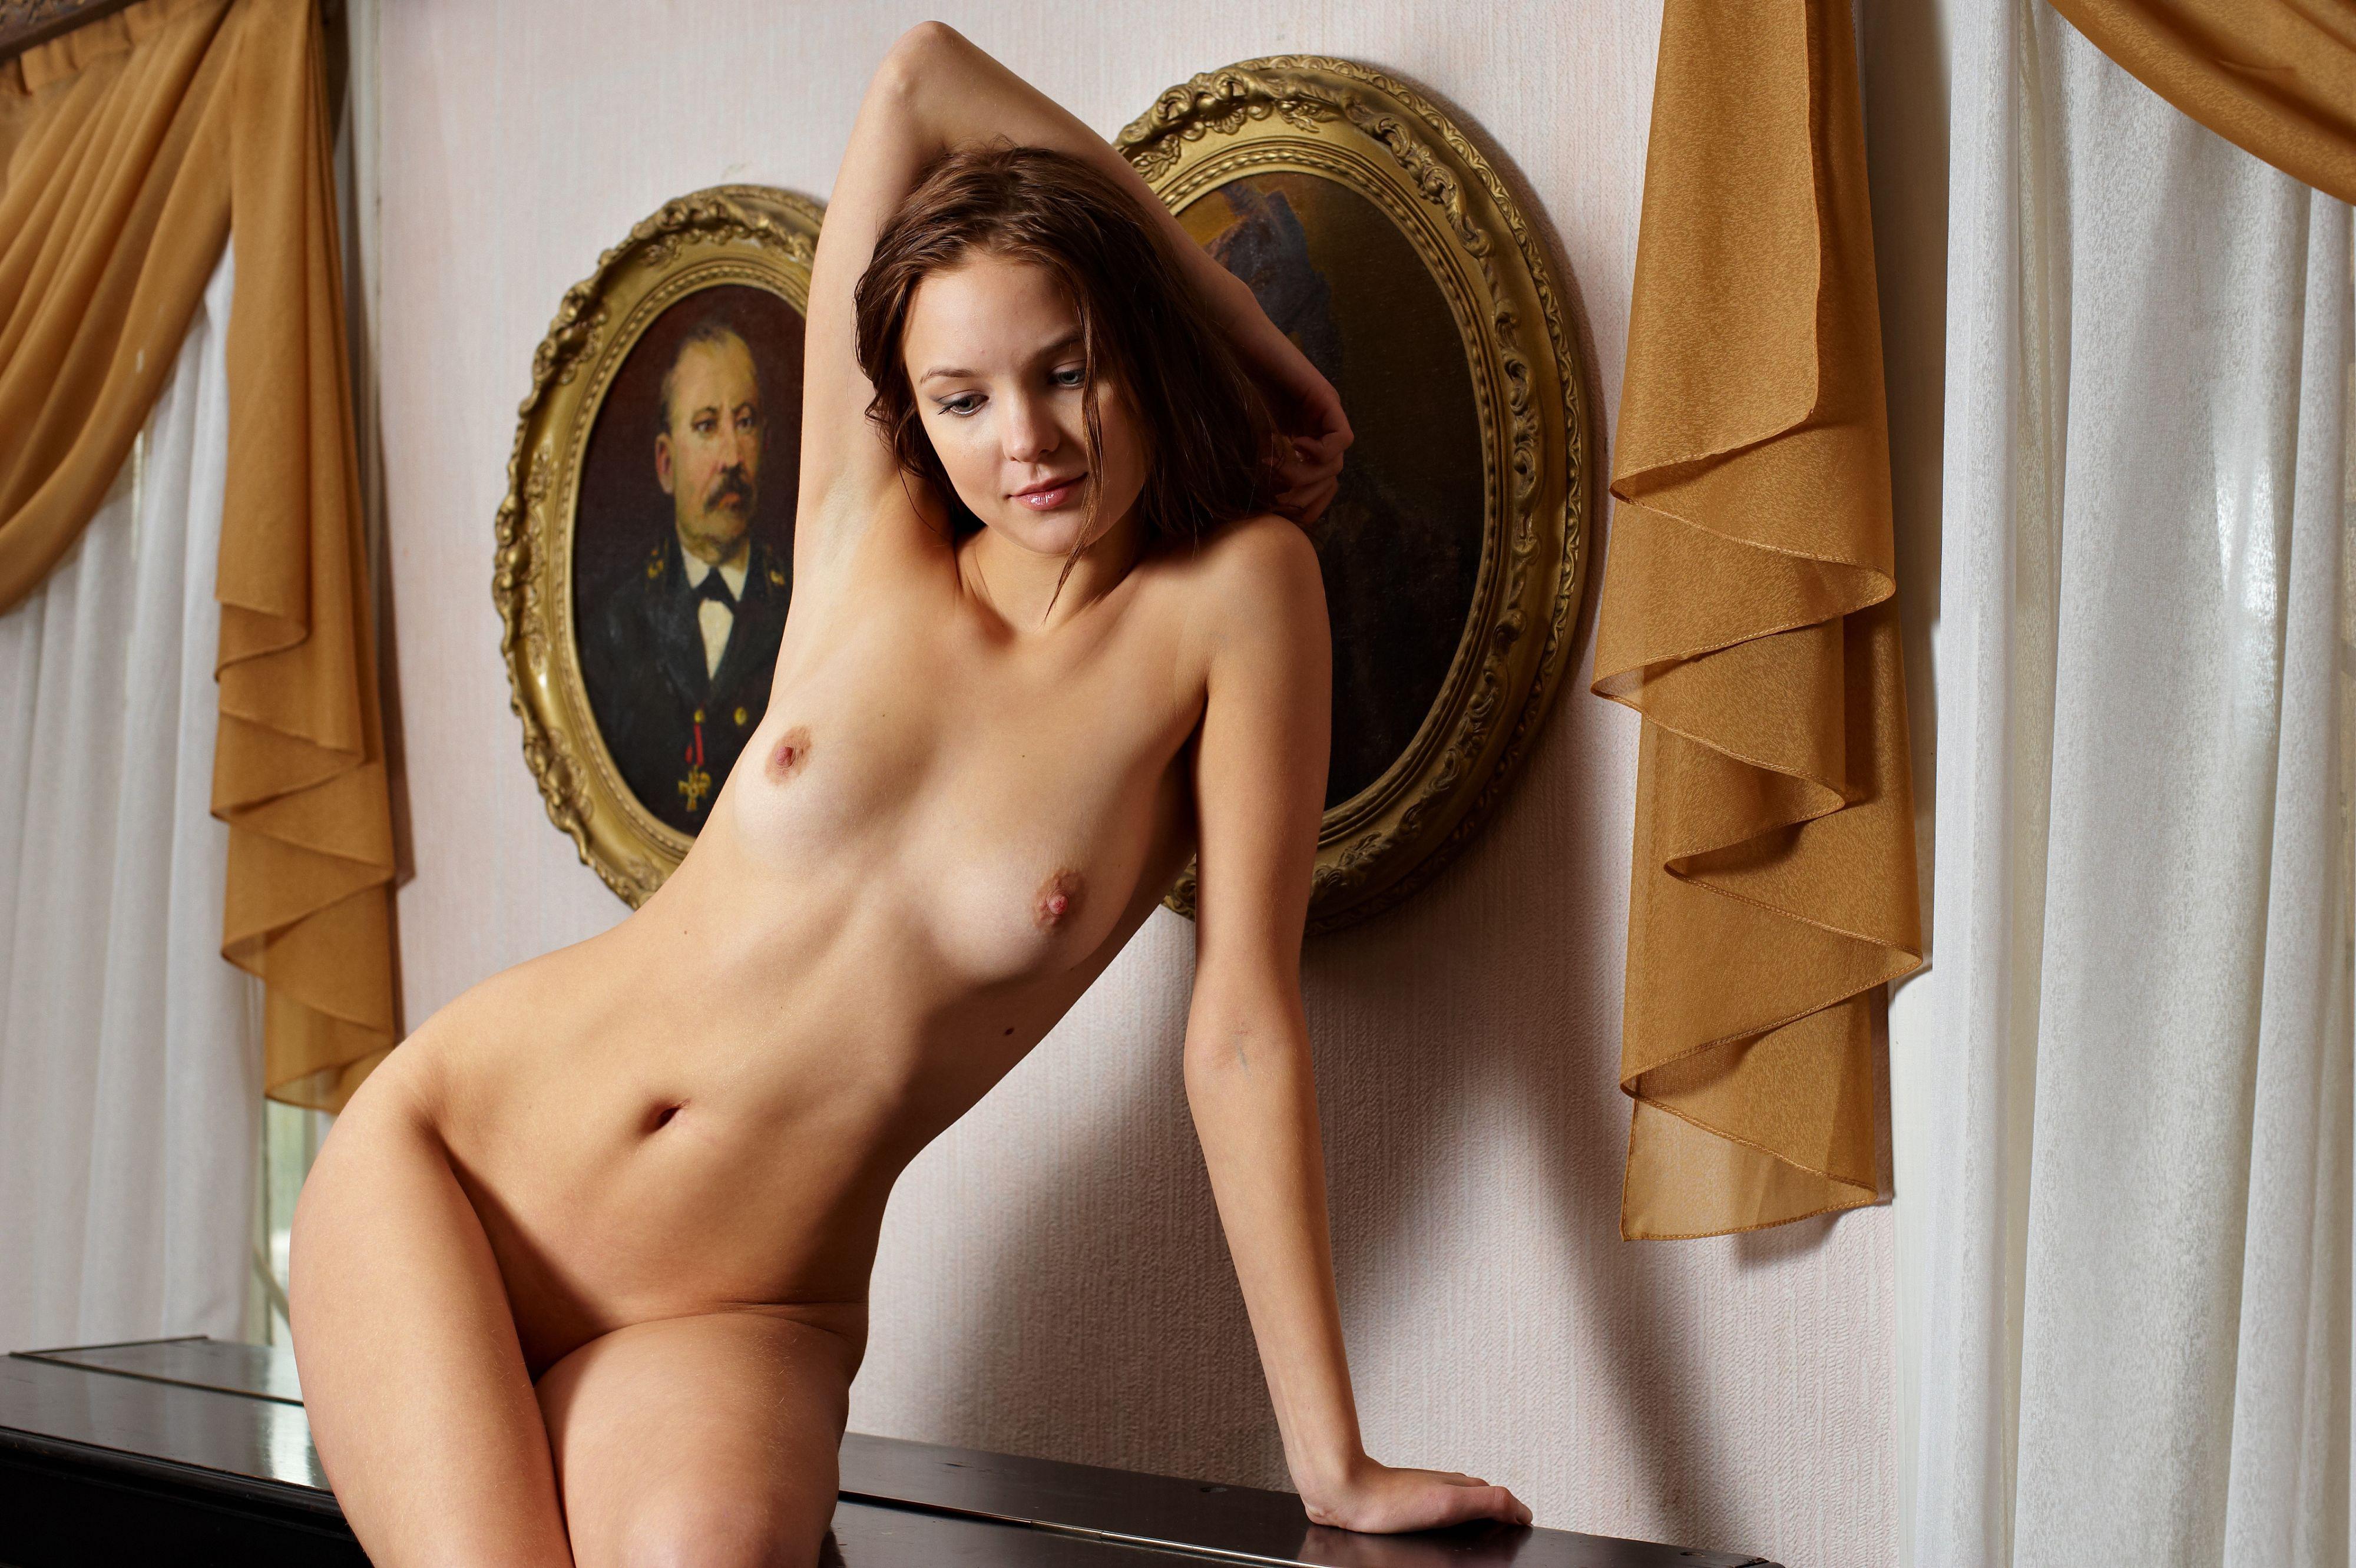 Самые красивые девушки улан удэ порно 19 фотография